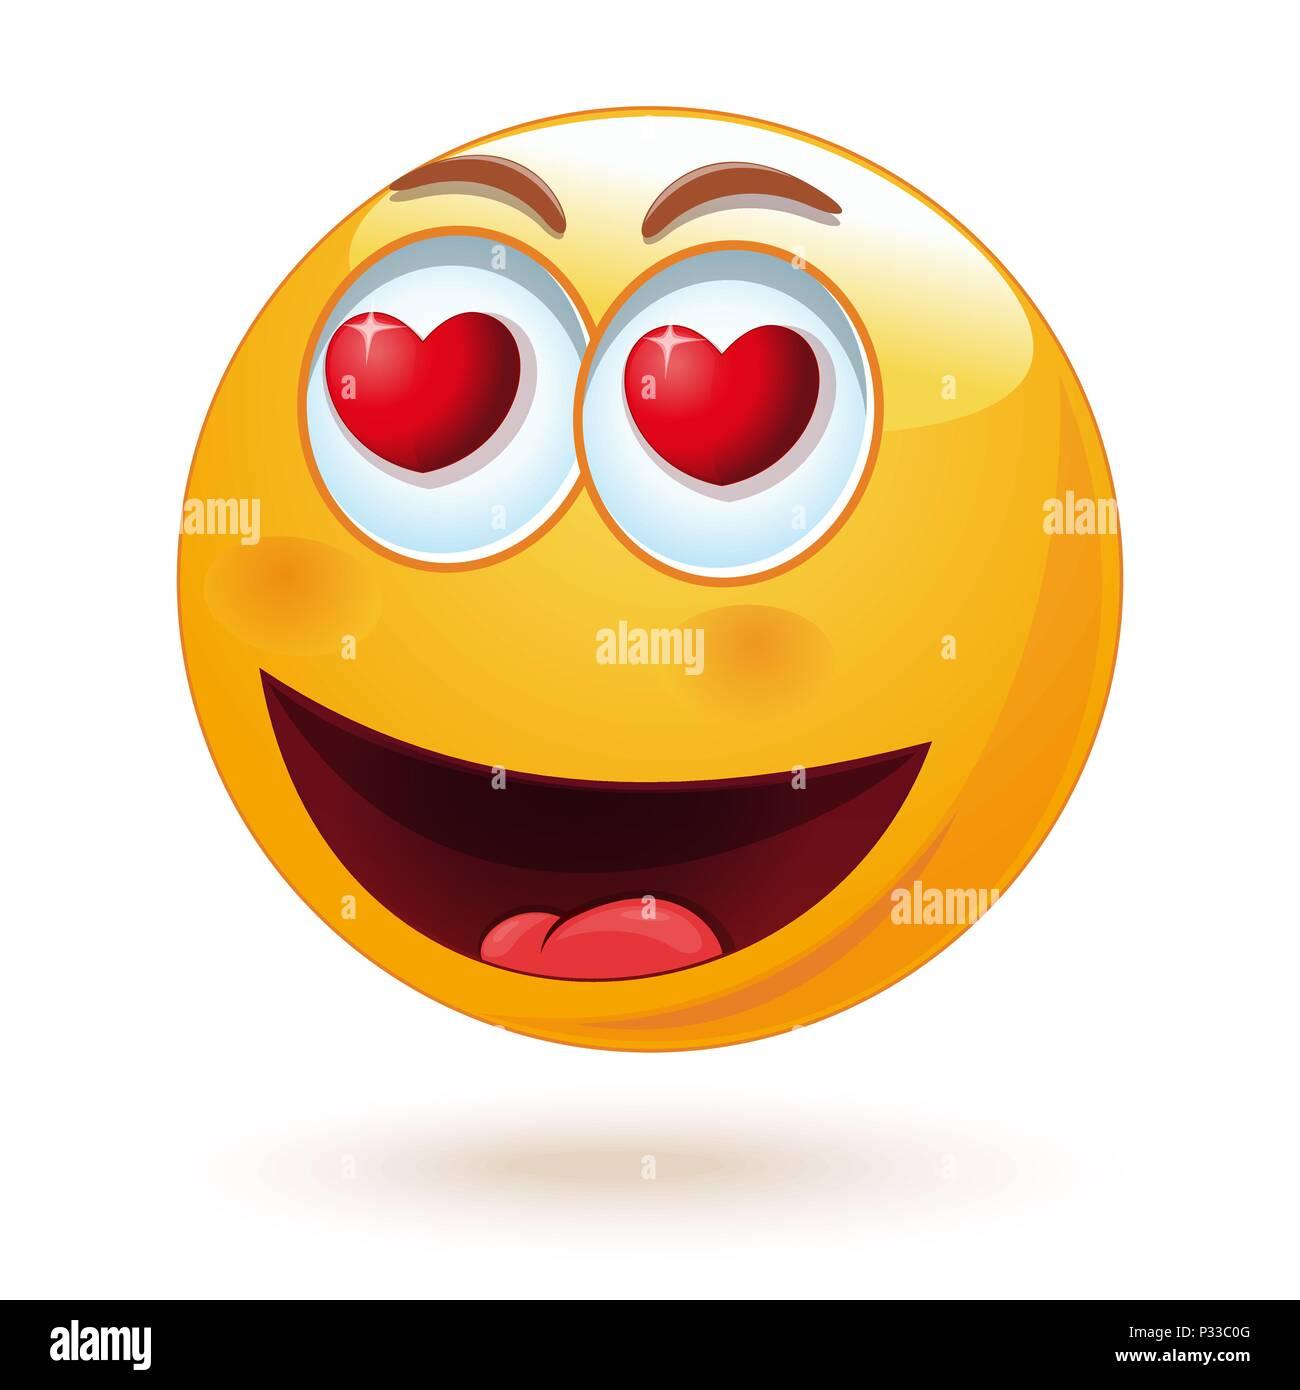 L Amour Heureux Smiley Avec Des Coeurs Dans Les Yeux Sentiment Amoureux Mignon Emoticone Isole Sur Fond Blanc Vector Illustration Image Vectorielle Stock Alamy